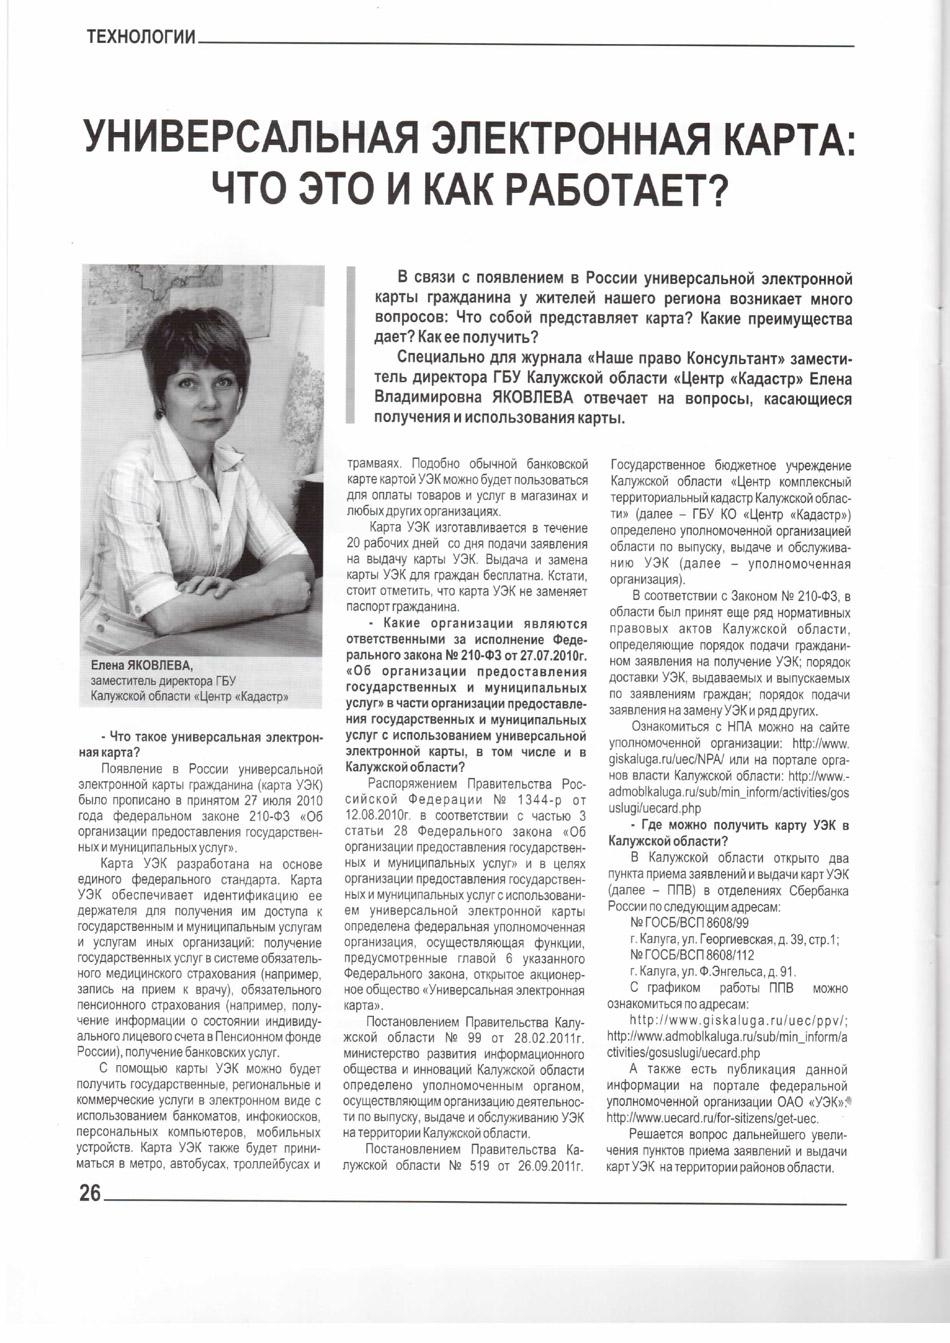 Статья из журнала «Наше право» (Калуга)